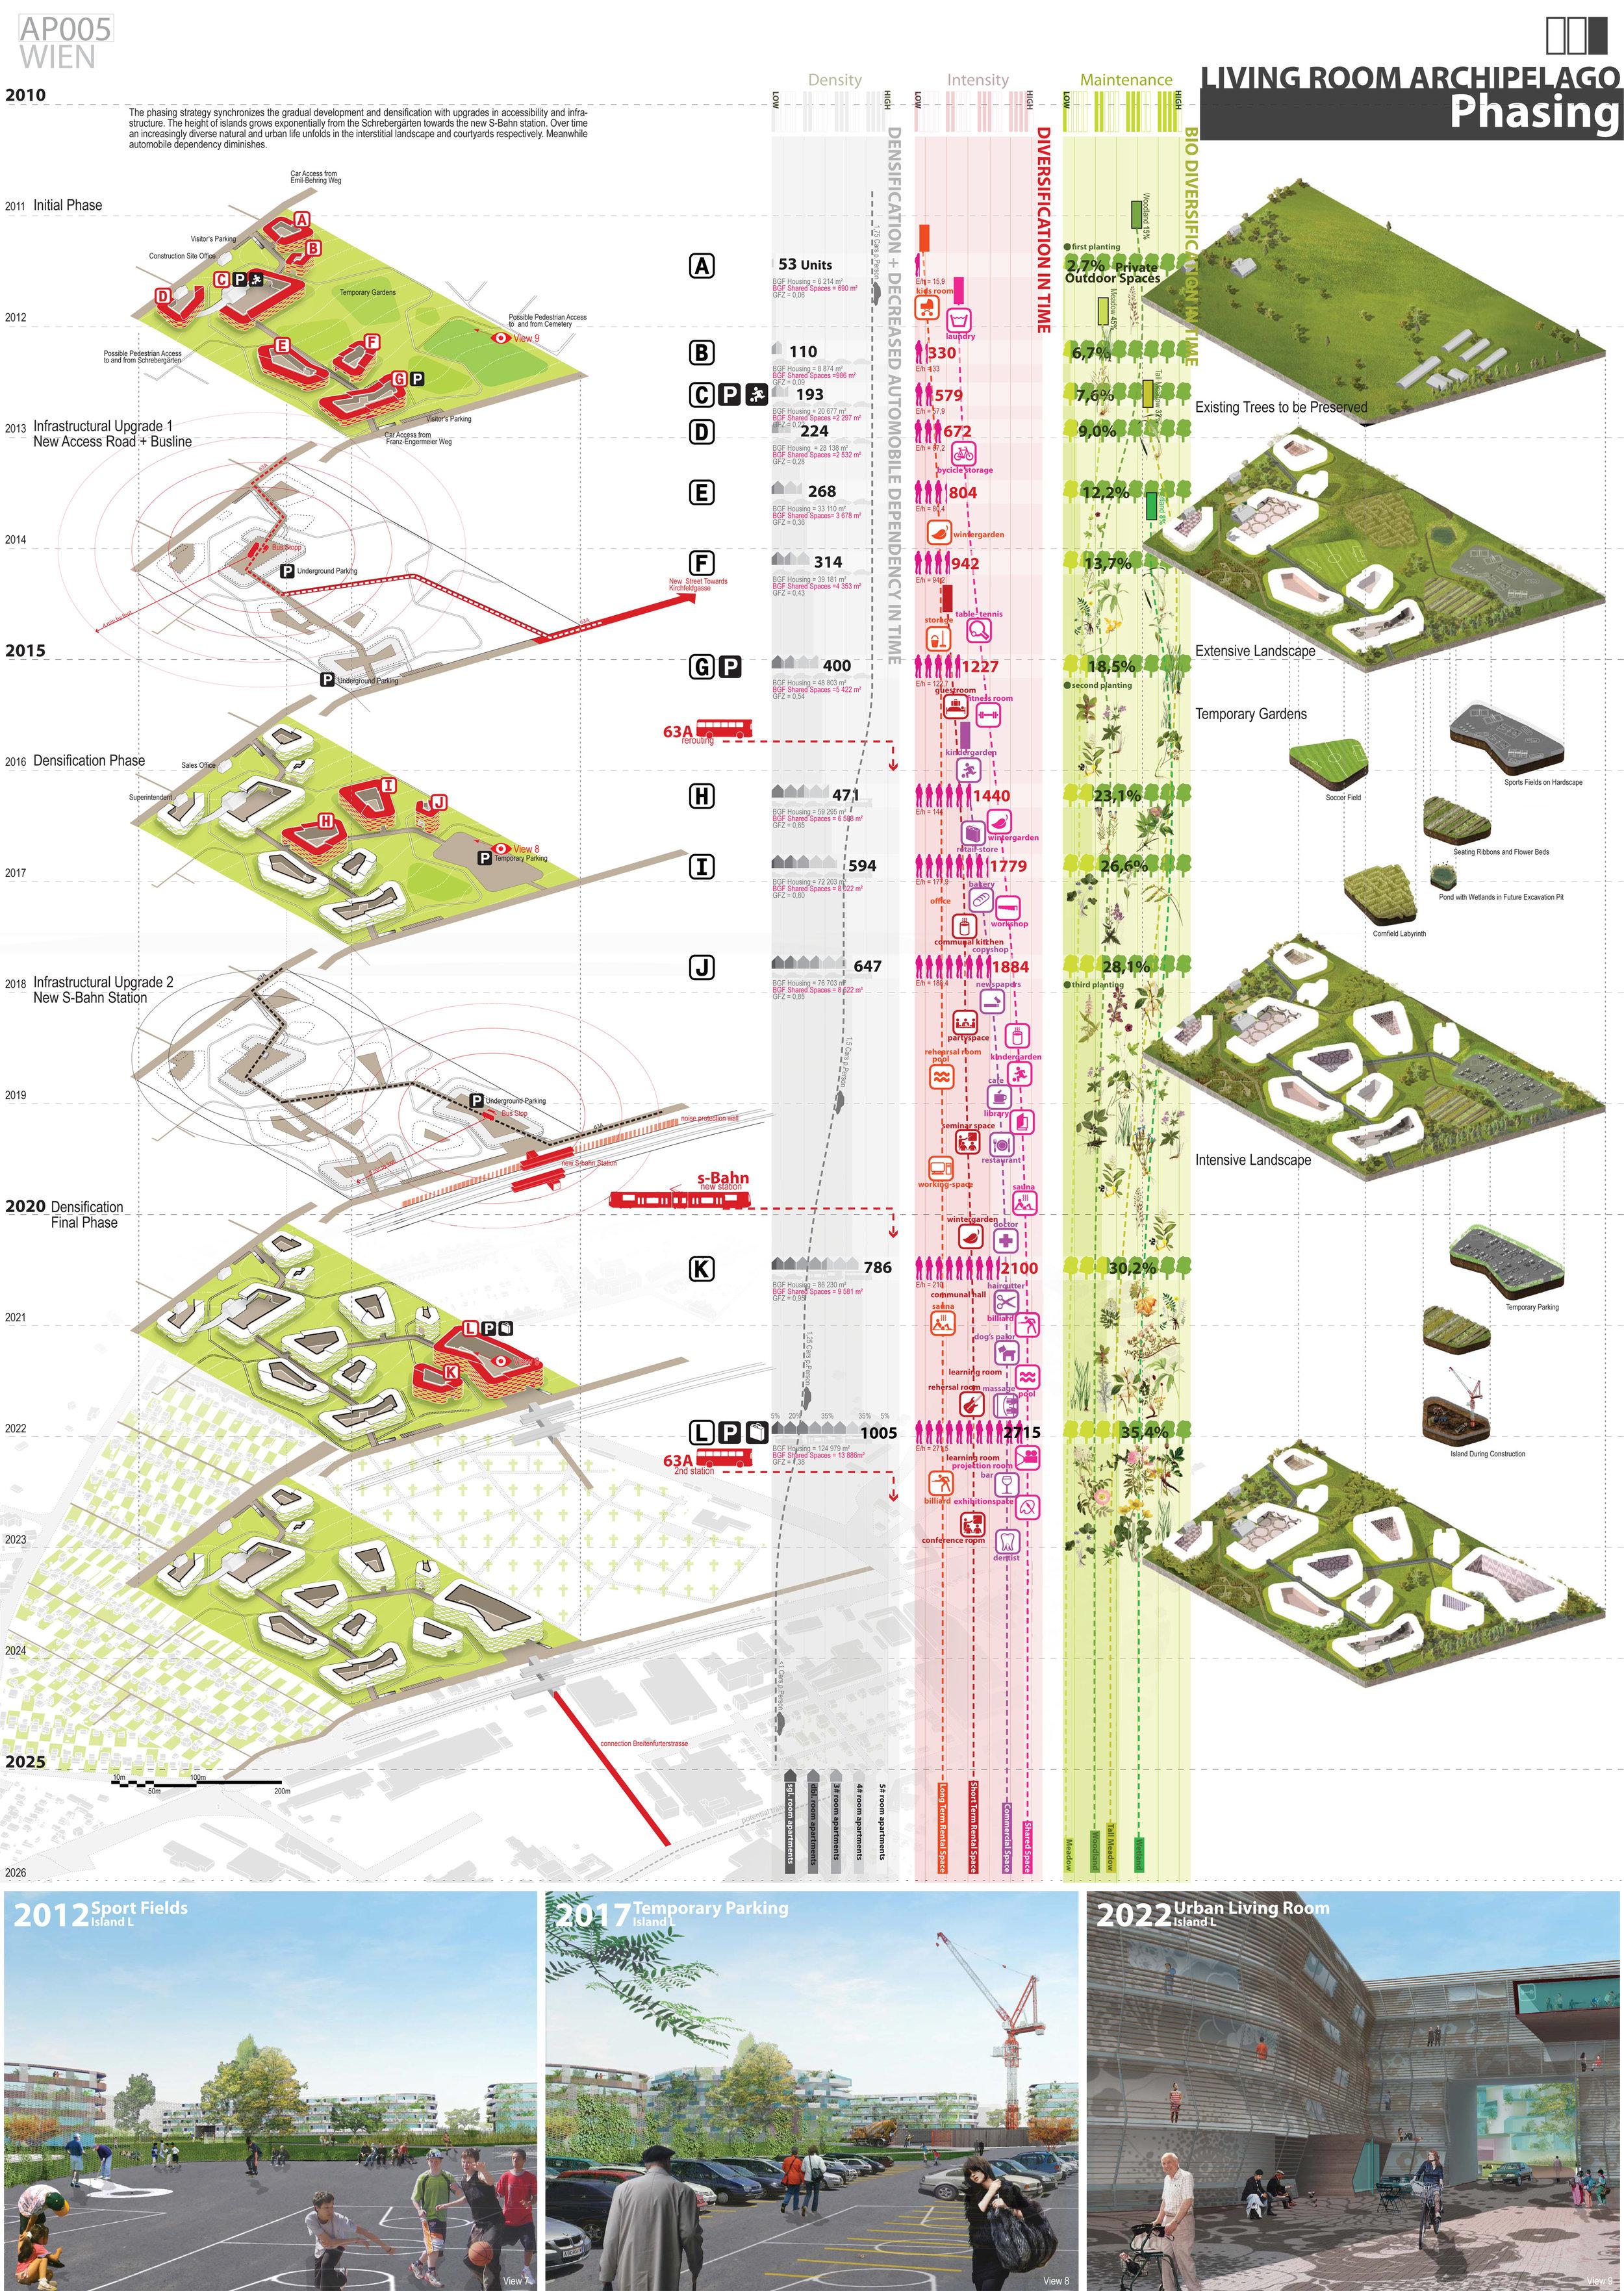 AP005_LIVINGROOM_ARCHIPELAGO_PANEL3_A3.jpg